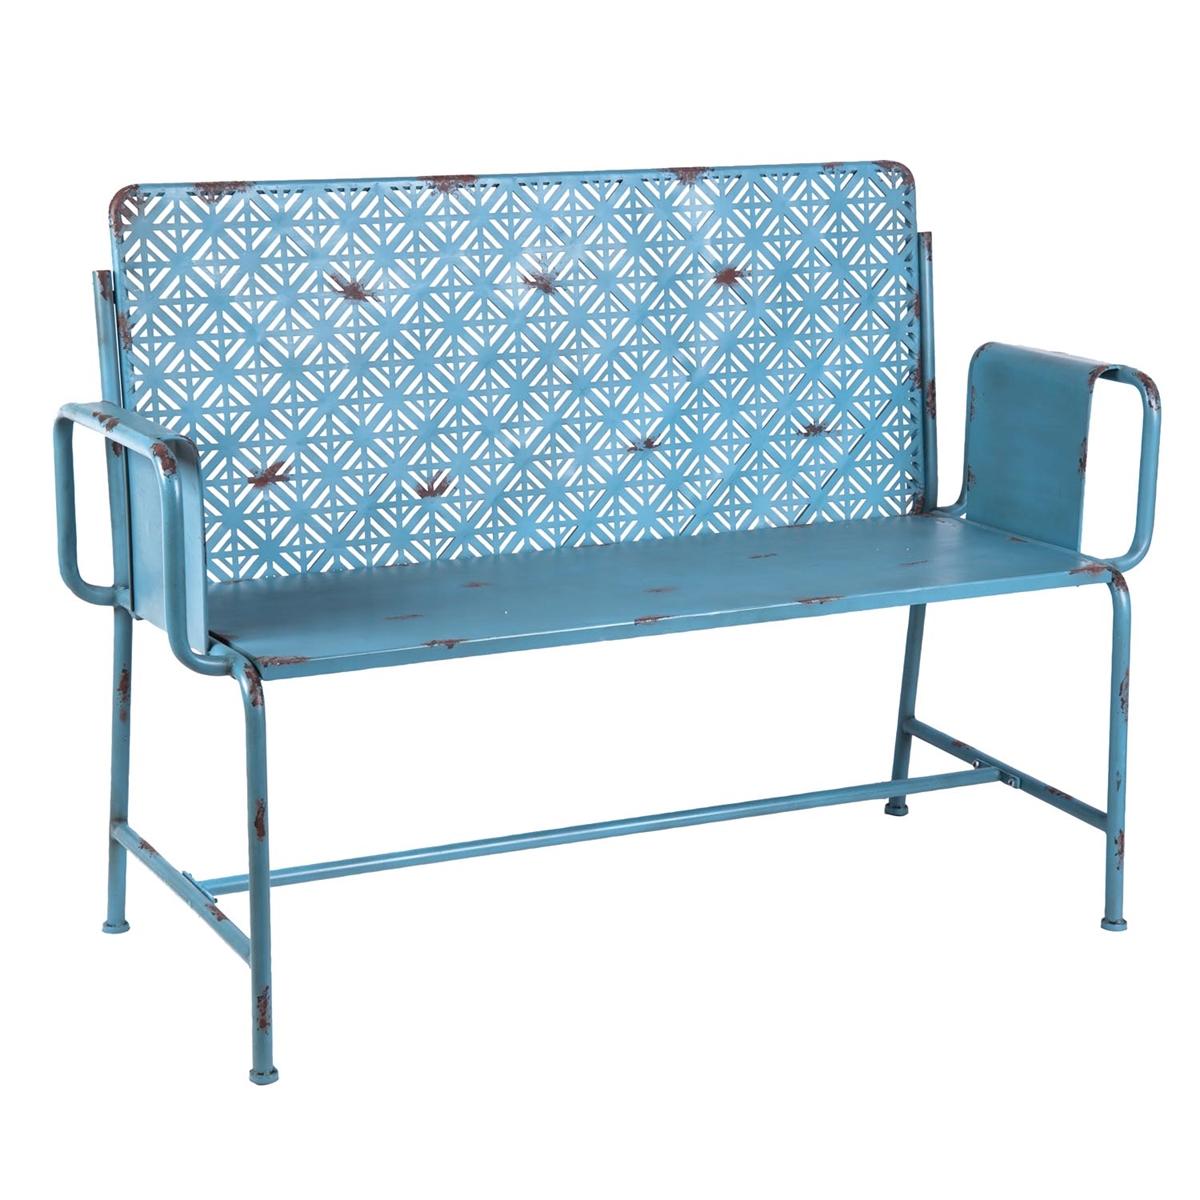 Woodstock Metal Loveseat Accent Furniture Plum Post